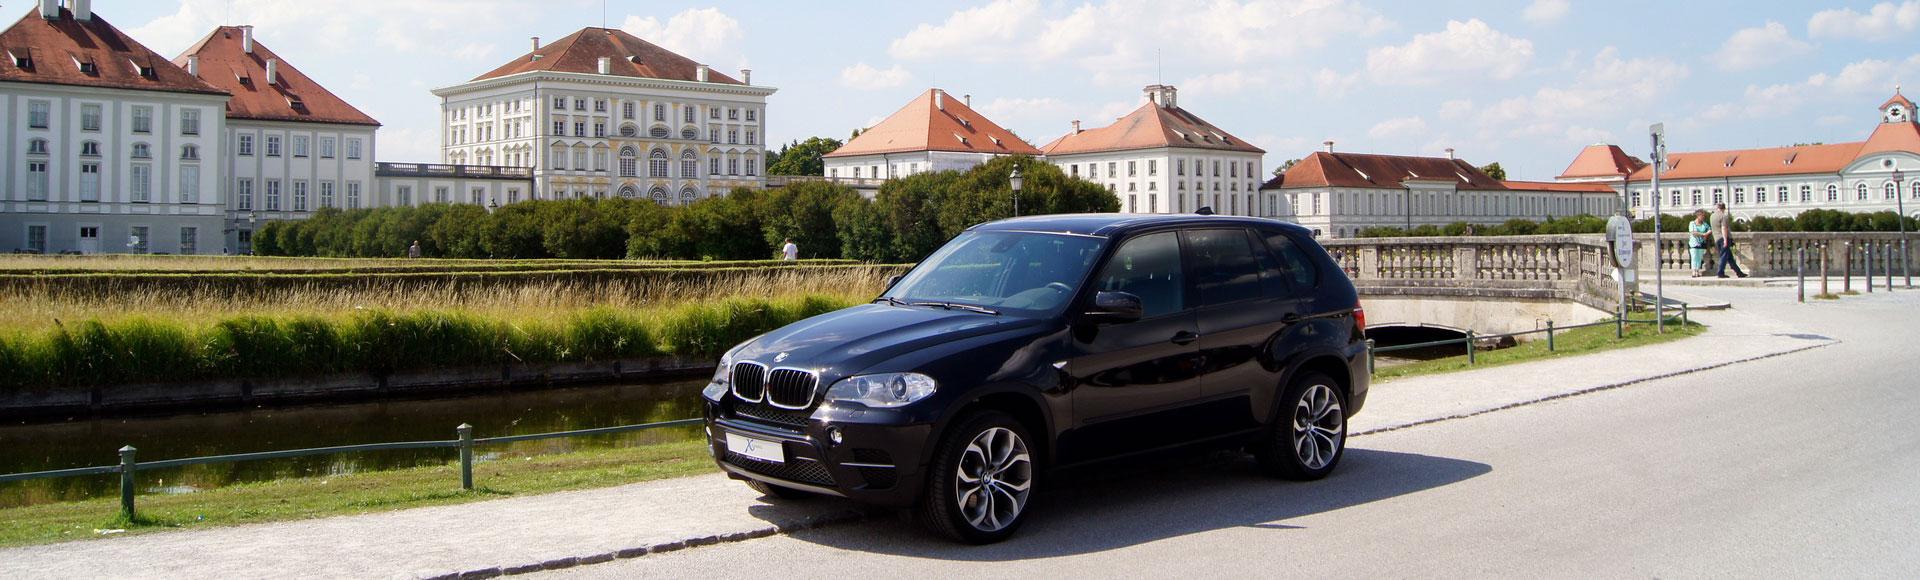 BMW X5 2011 Sommer 8369